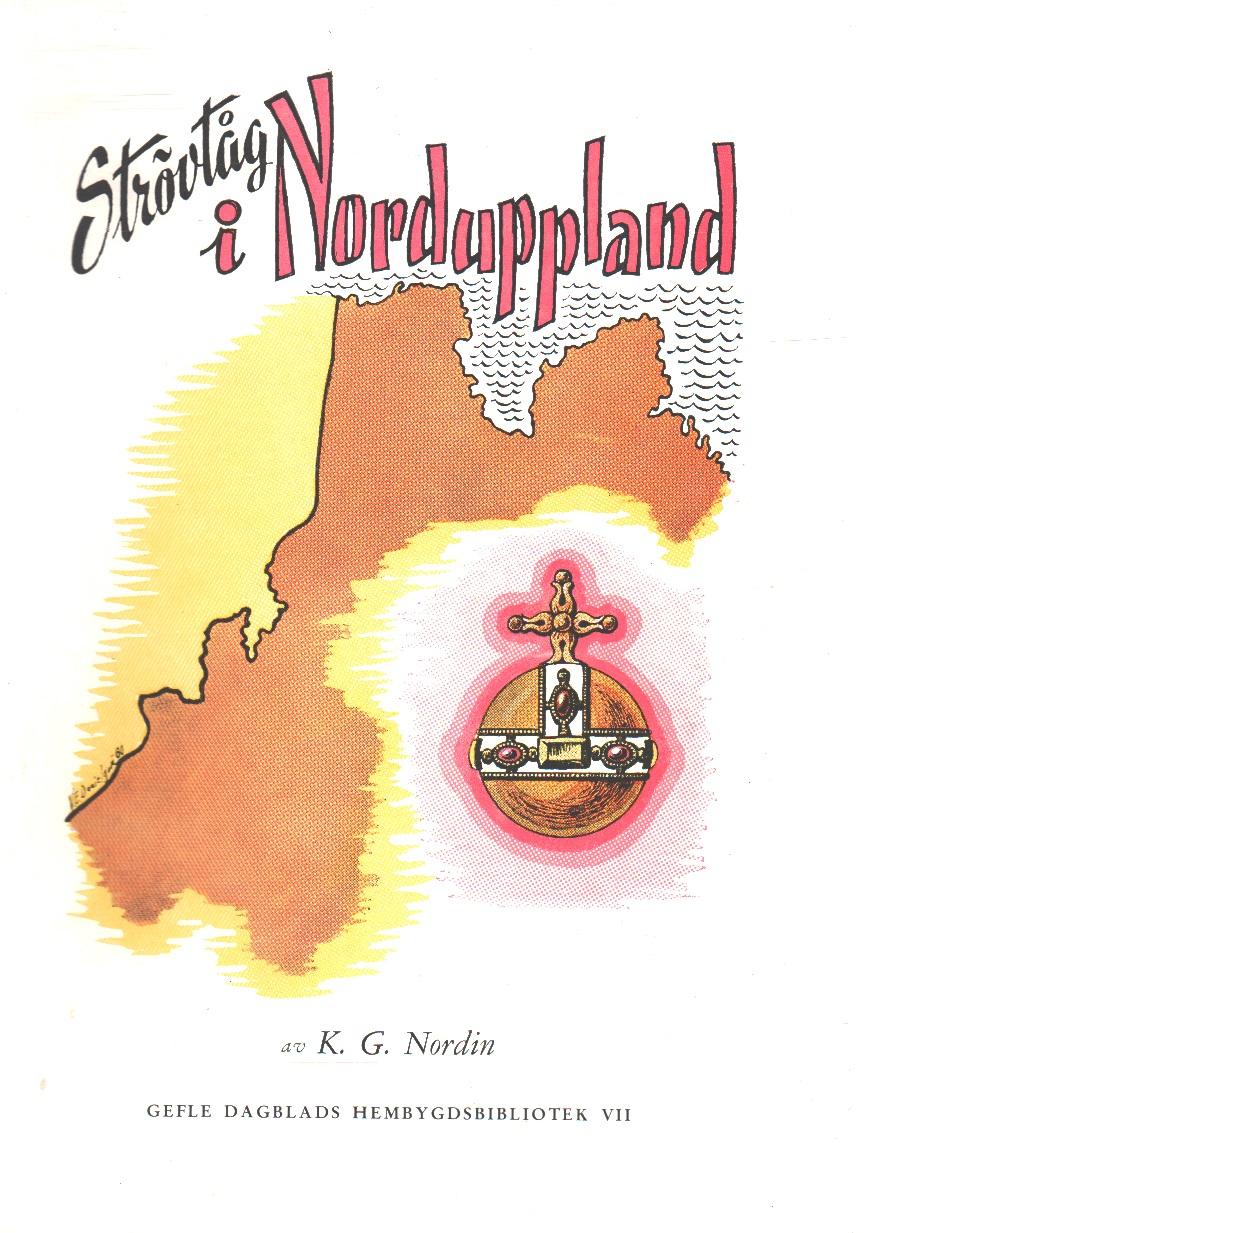 Strövtåg i Norduppland : anteckningar om geologiska, kulturhistoriska och botaniska sevärdheter - Nordin, Karl Georg